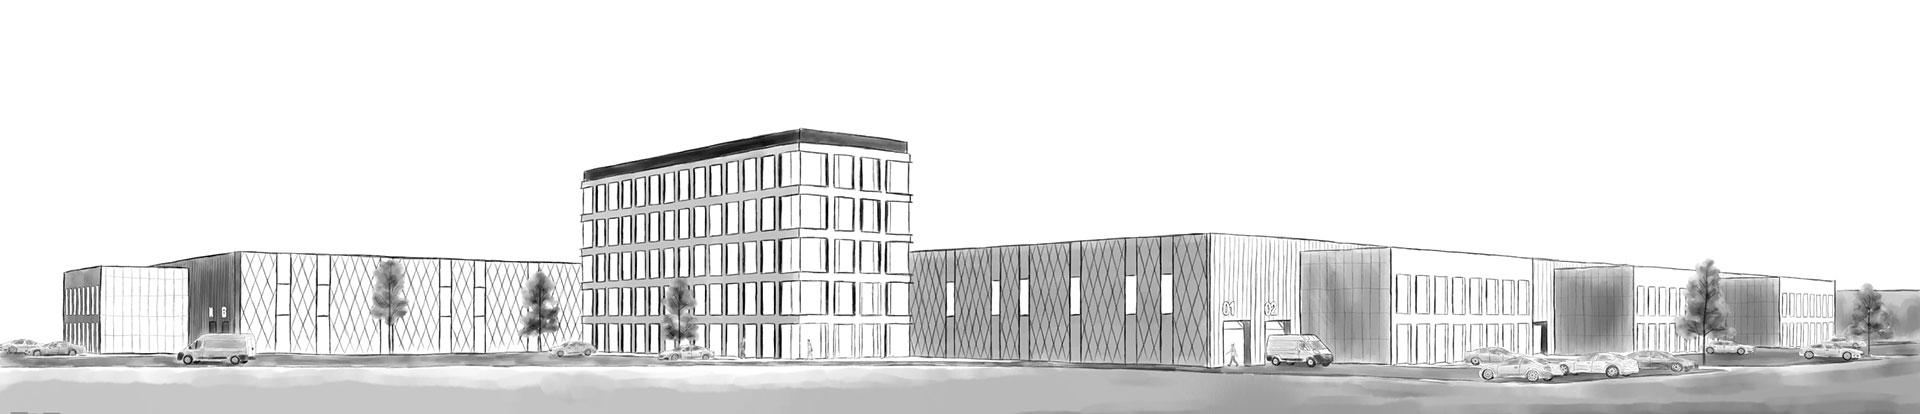 gedlito-transportas-pastatas